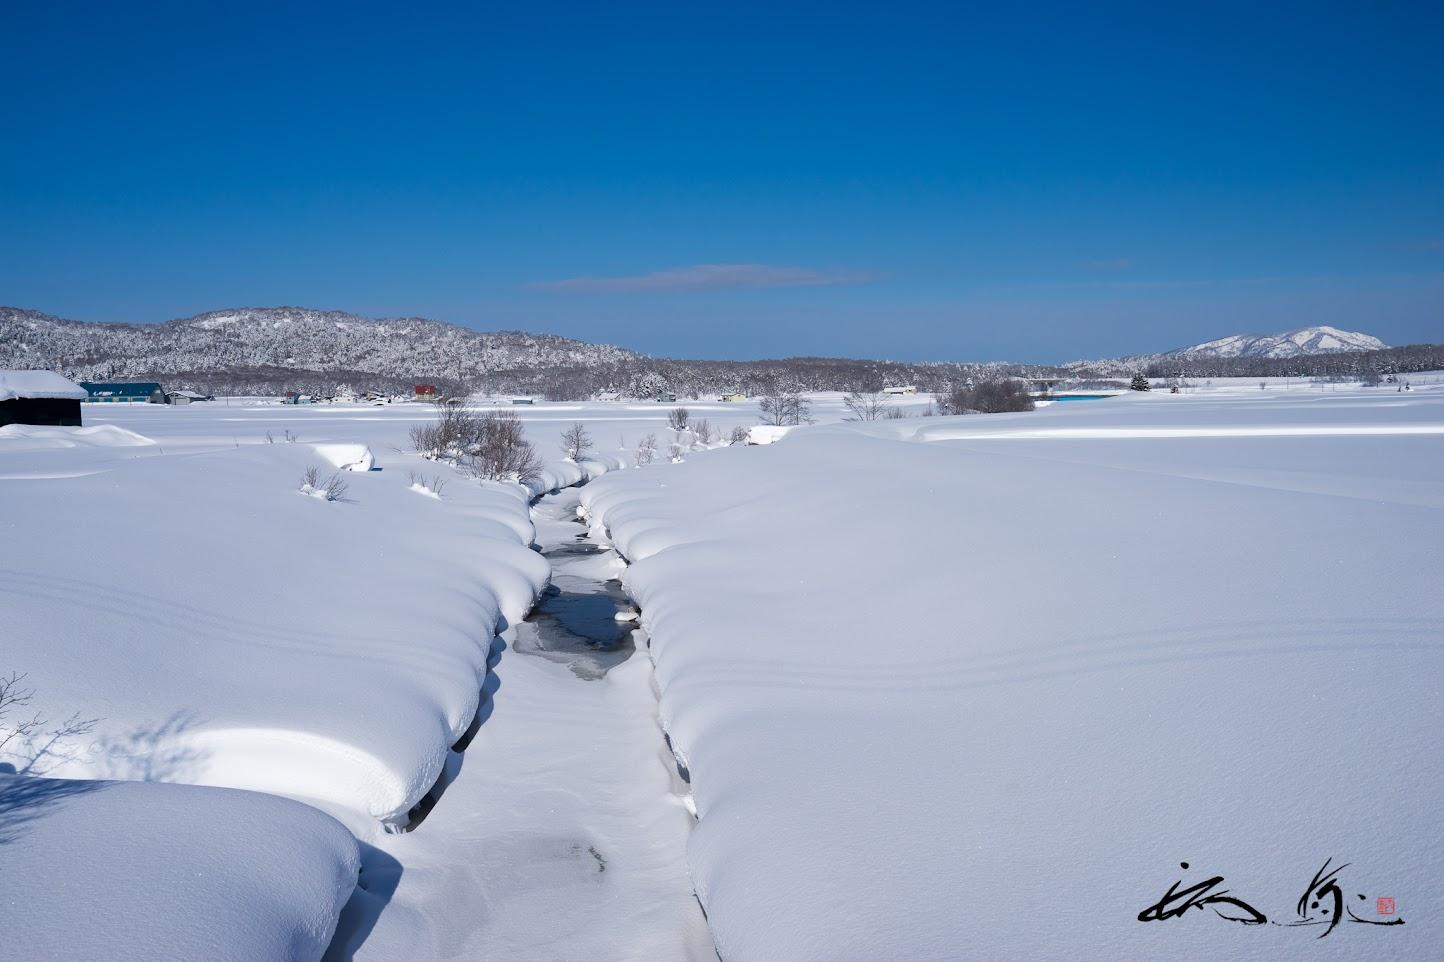 雪に埋もれる川面